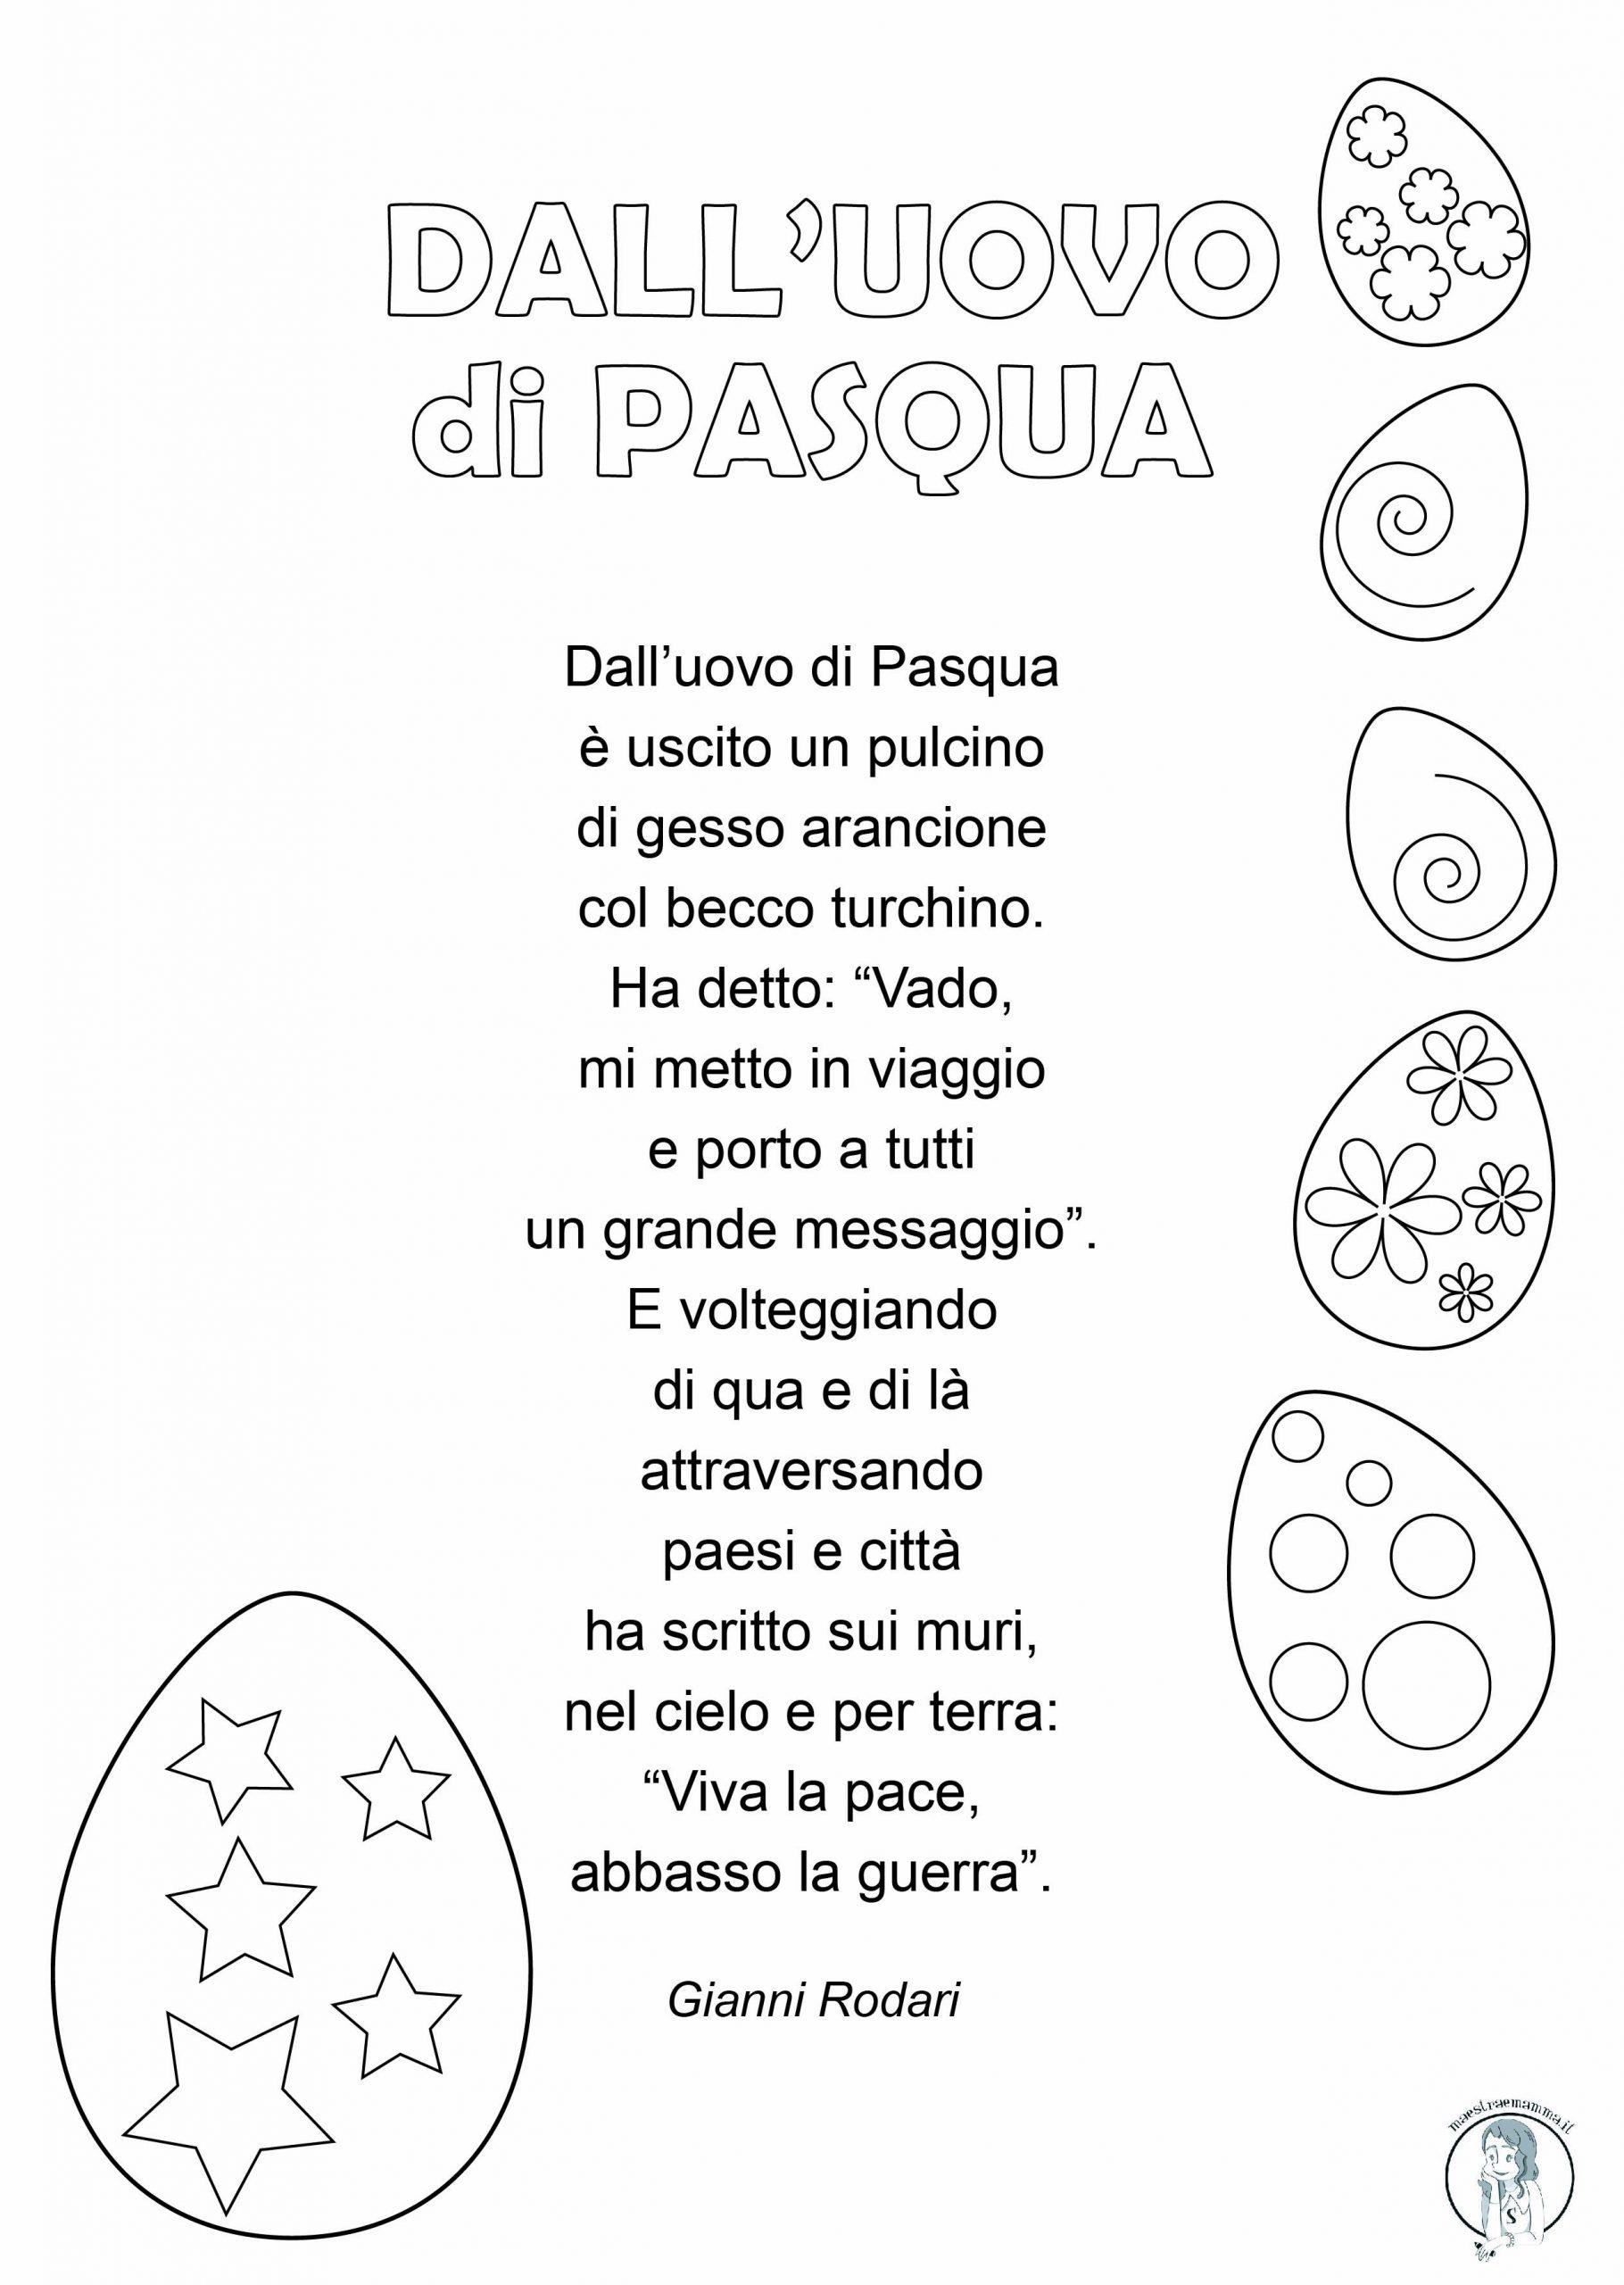 dall-uovo-di-pasqua-poesia-di-Gianni-Rodari